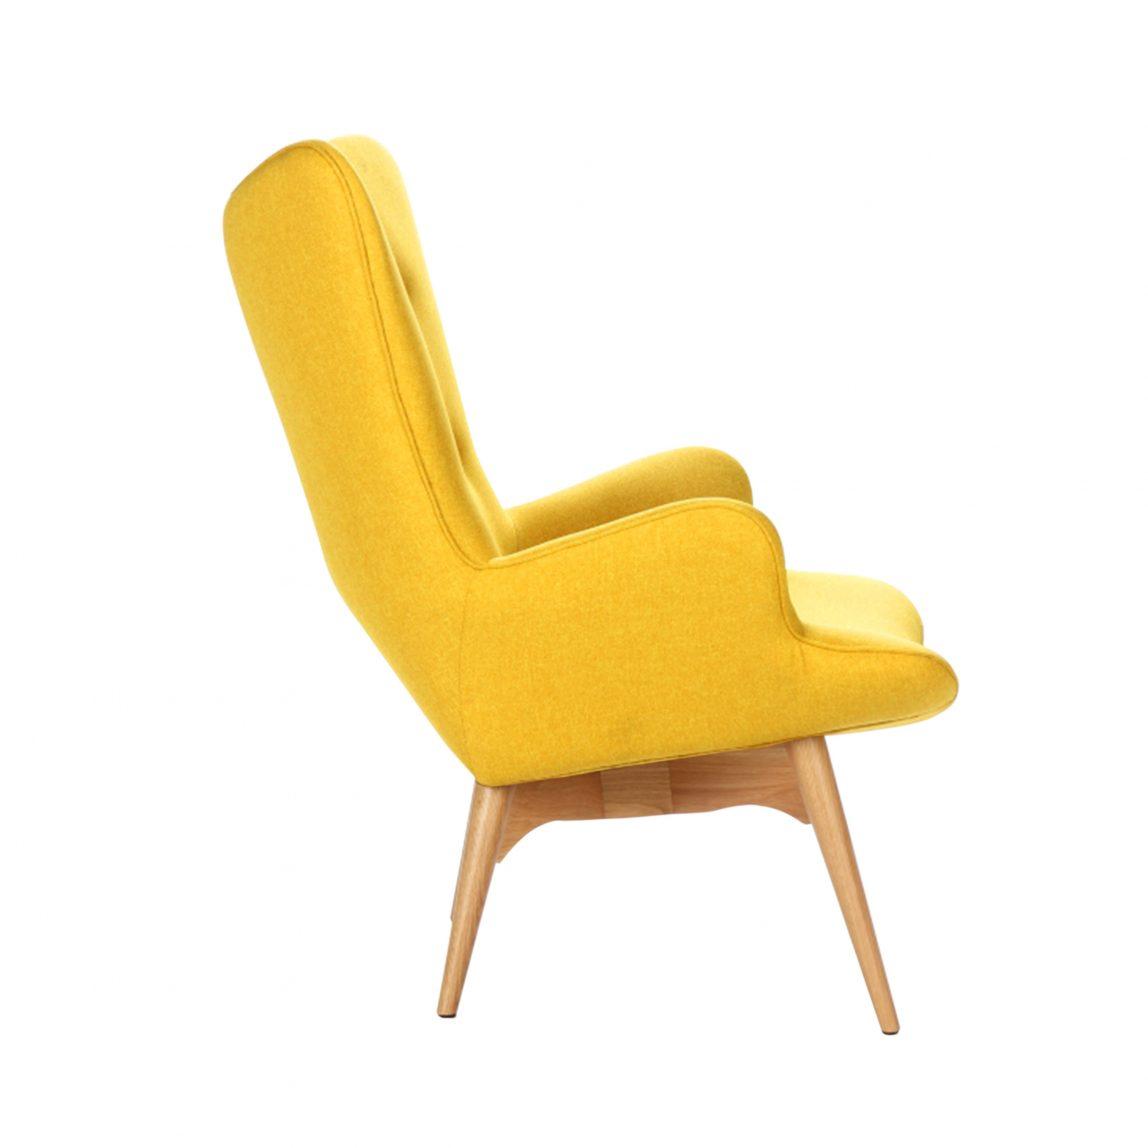 Дизайнерское кресло Contour желтое с подлокотниками, интерьерное скандинавское Контур в гостиную, Грант Фезерстоун